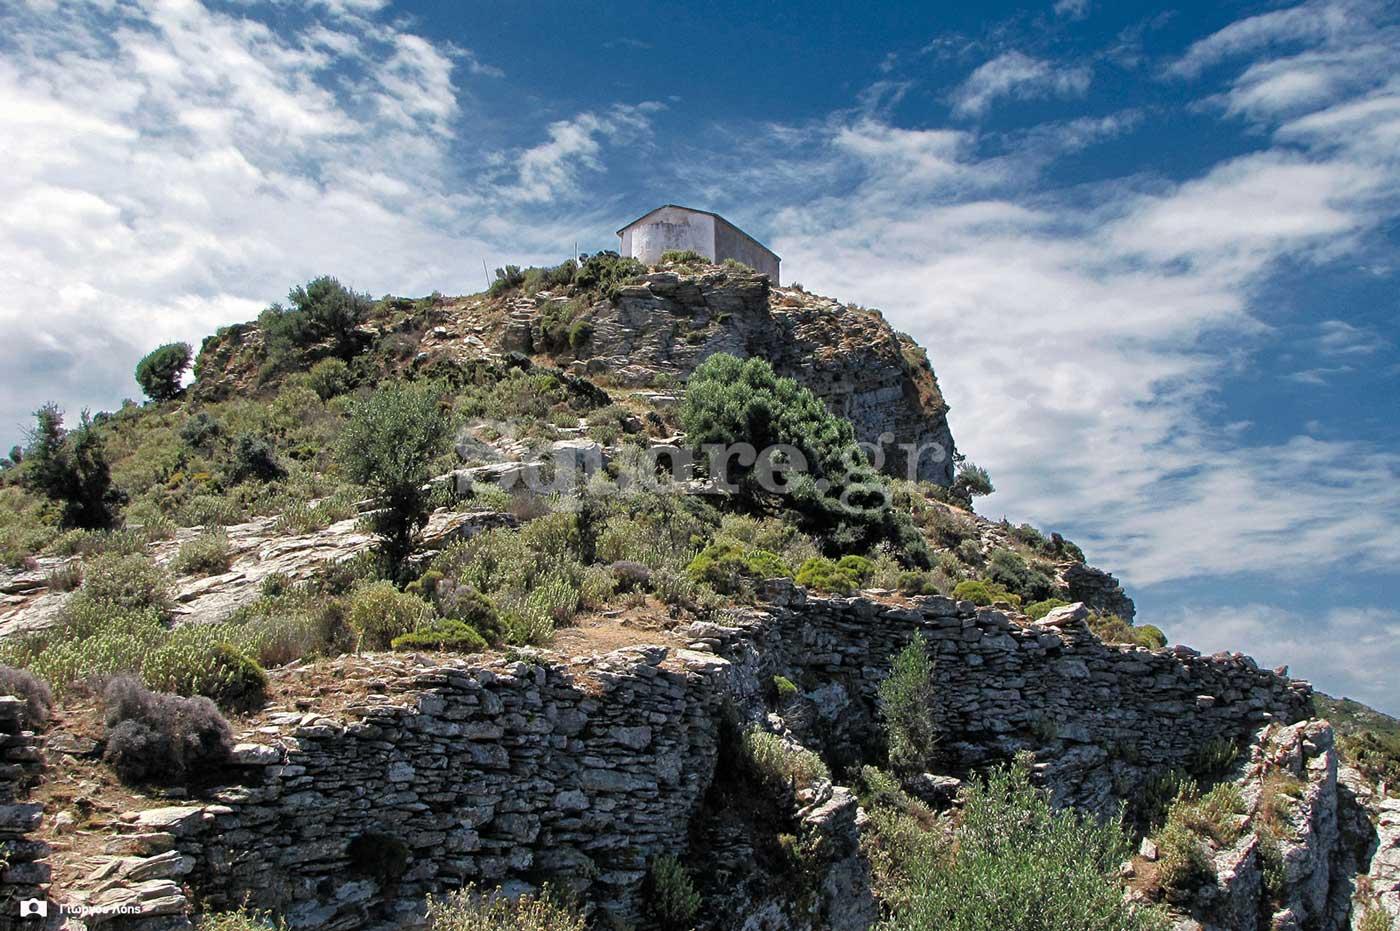 14-Οχυρώσεις-στα-βορειοανατολικά-του-ναού-του-Αγίου-Χαραλάμπους